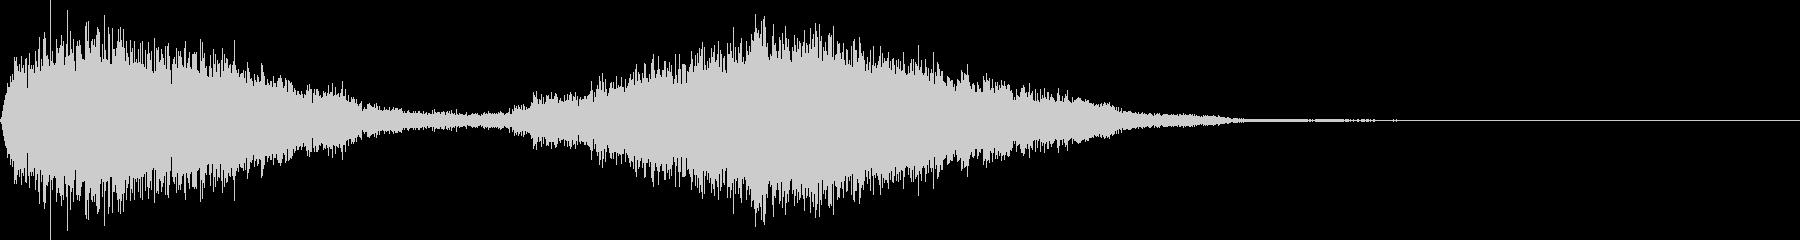 シューッという音EC07_90_4の未再生の波形